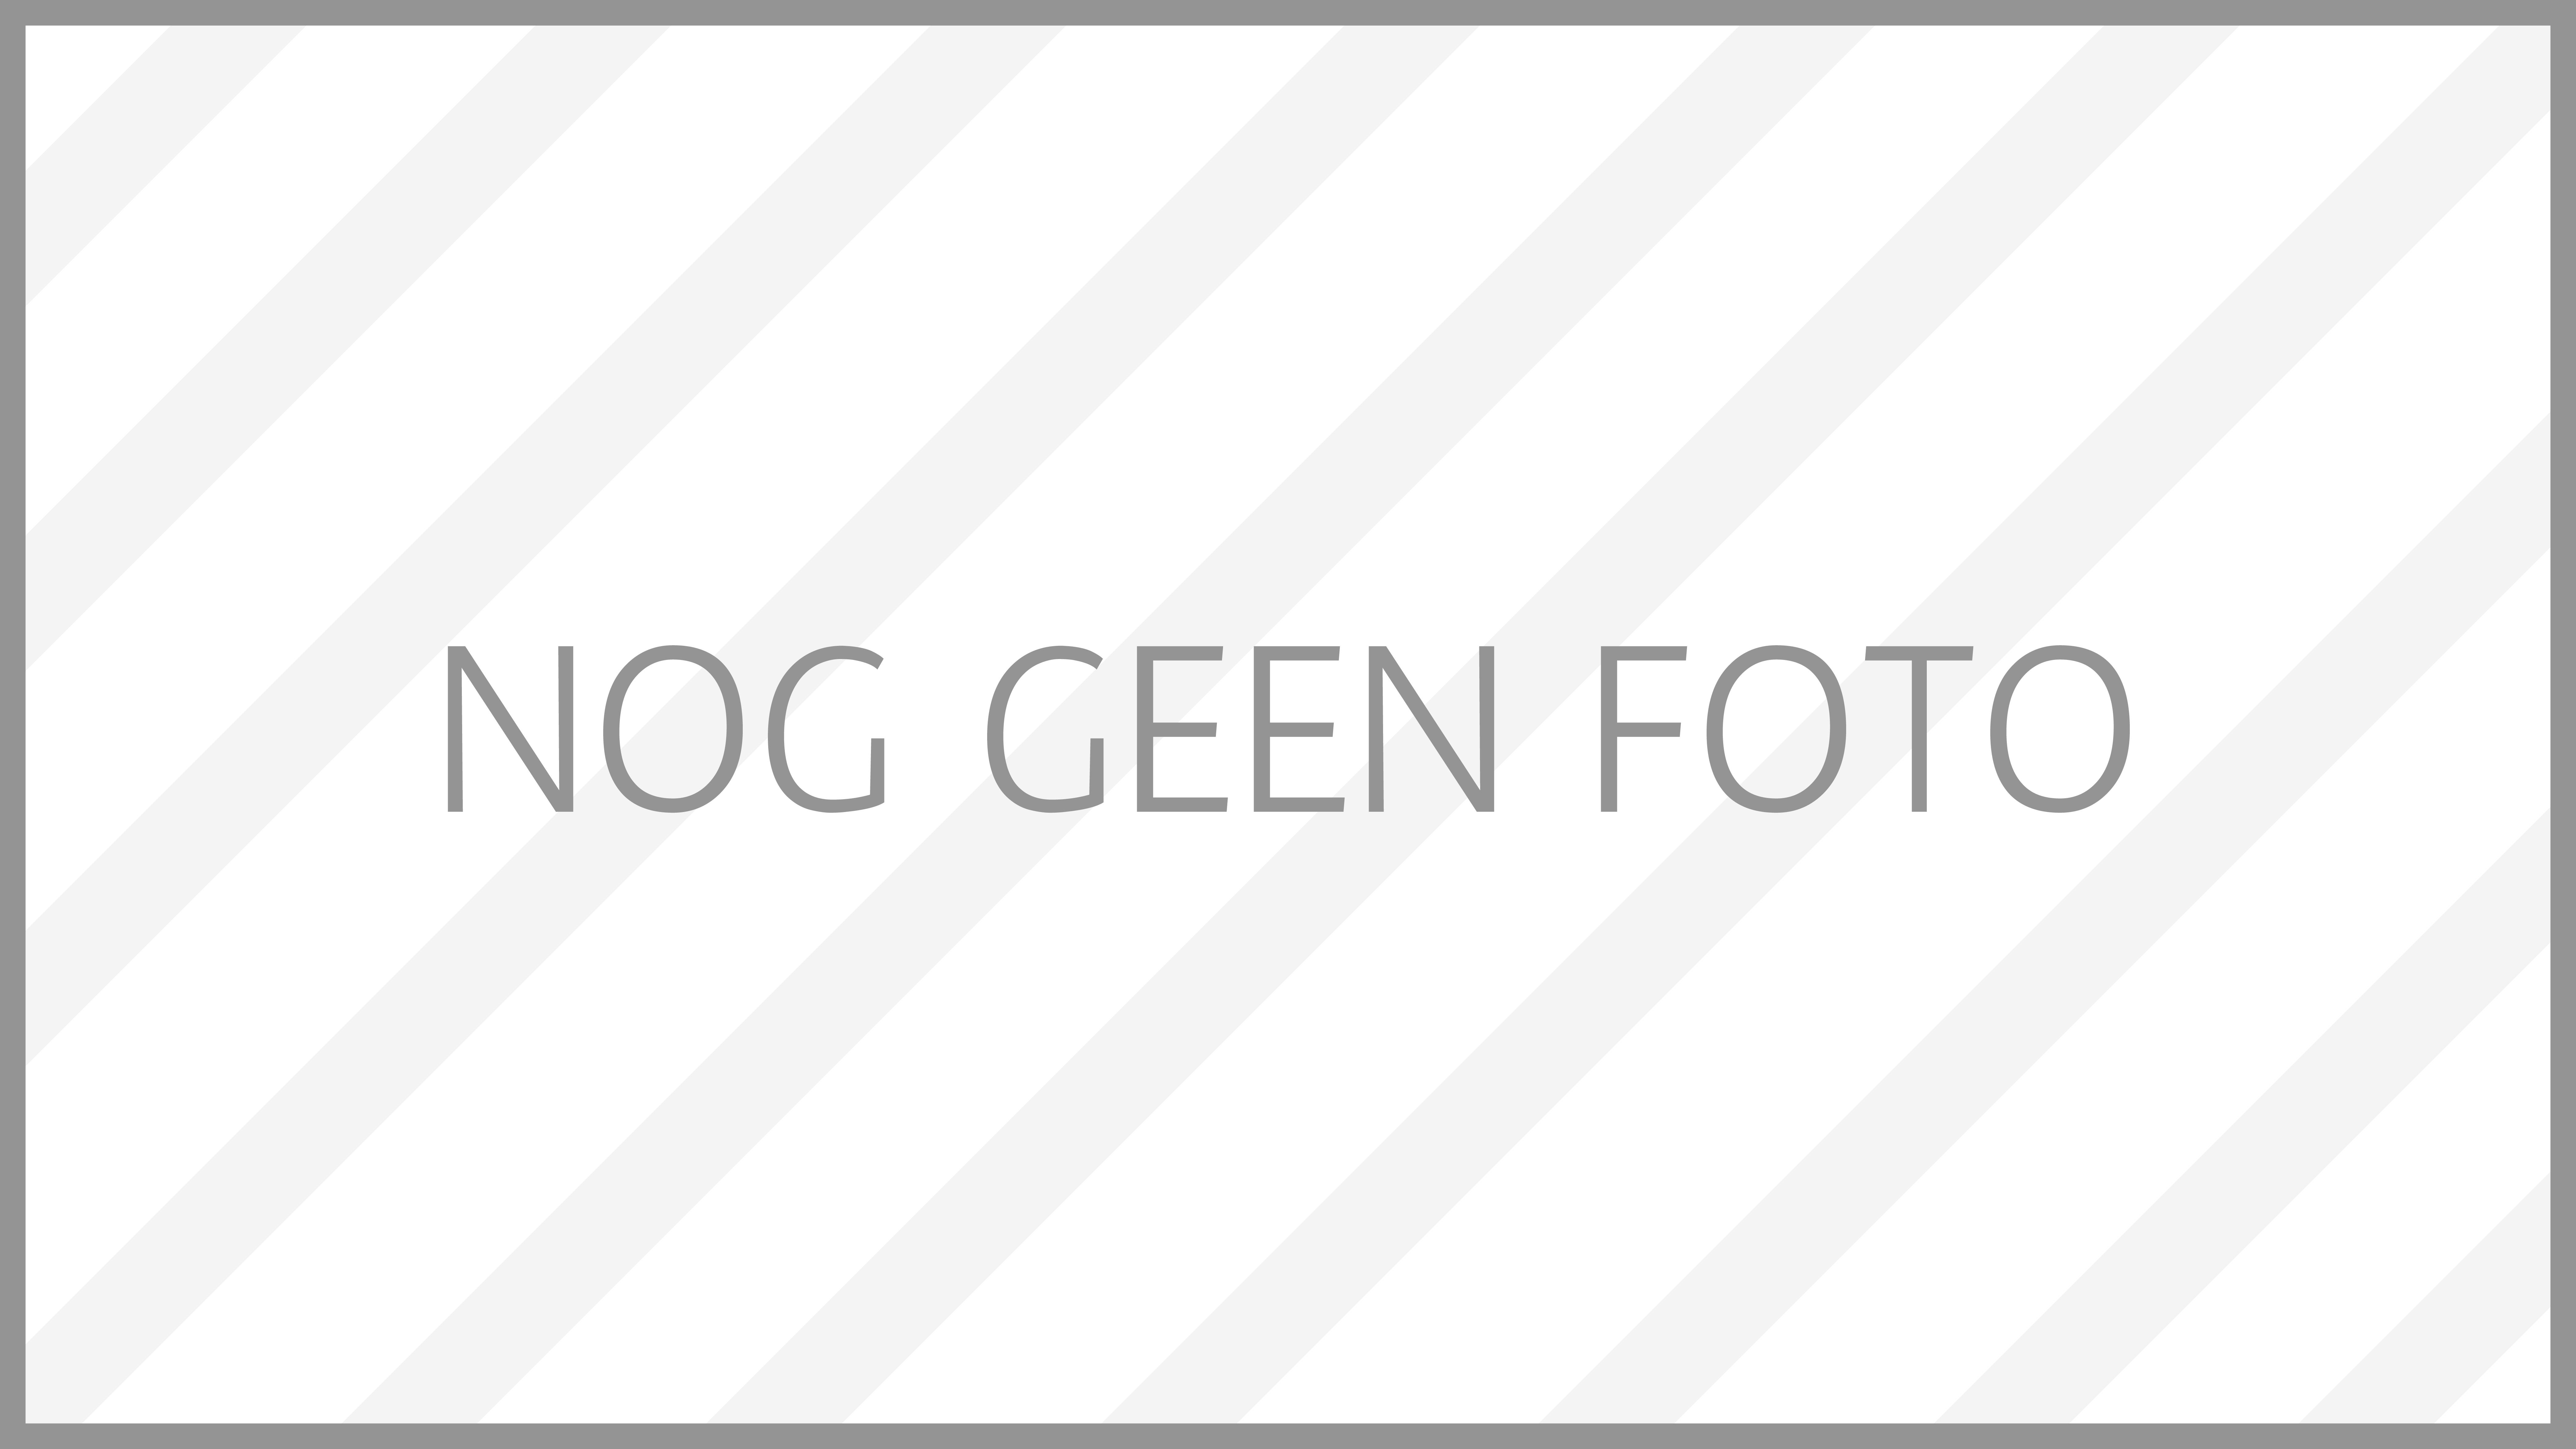 nog_geen_foto_grijs-01 Kleuren